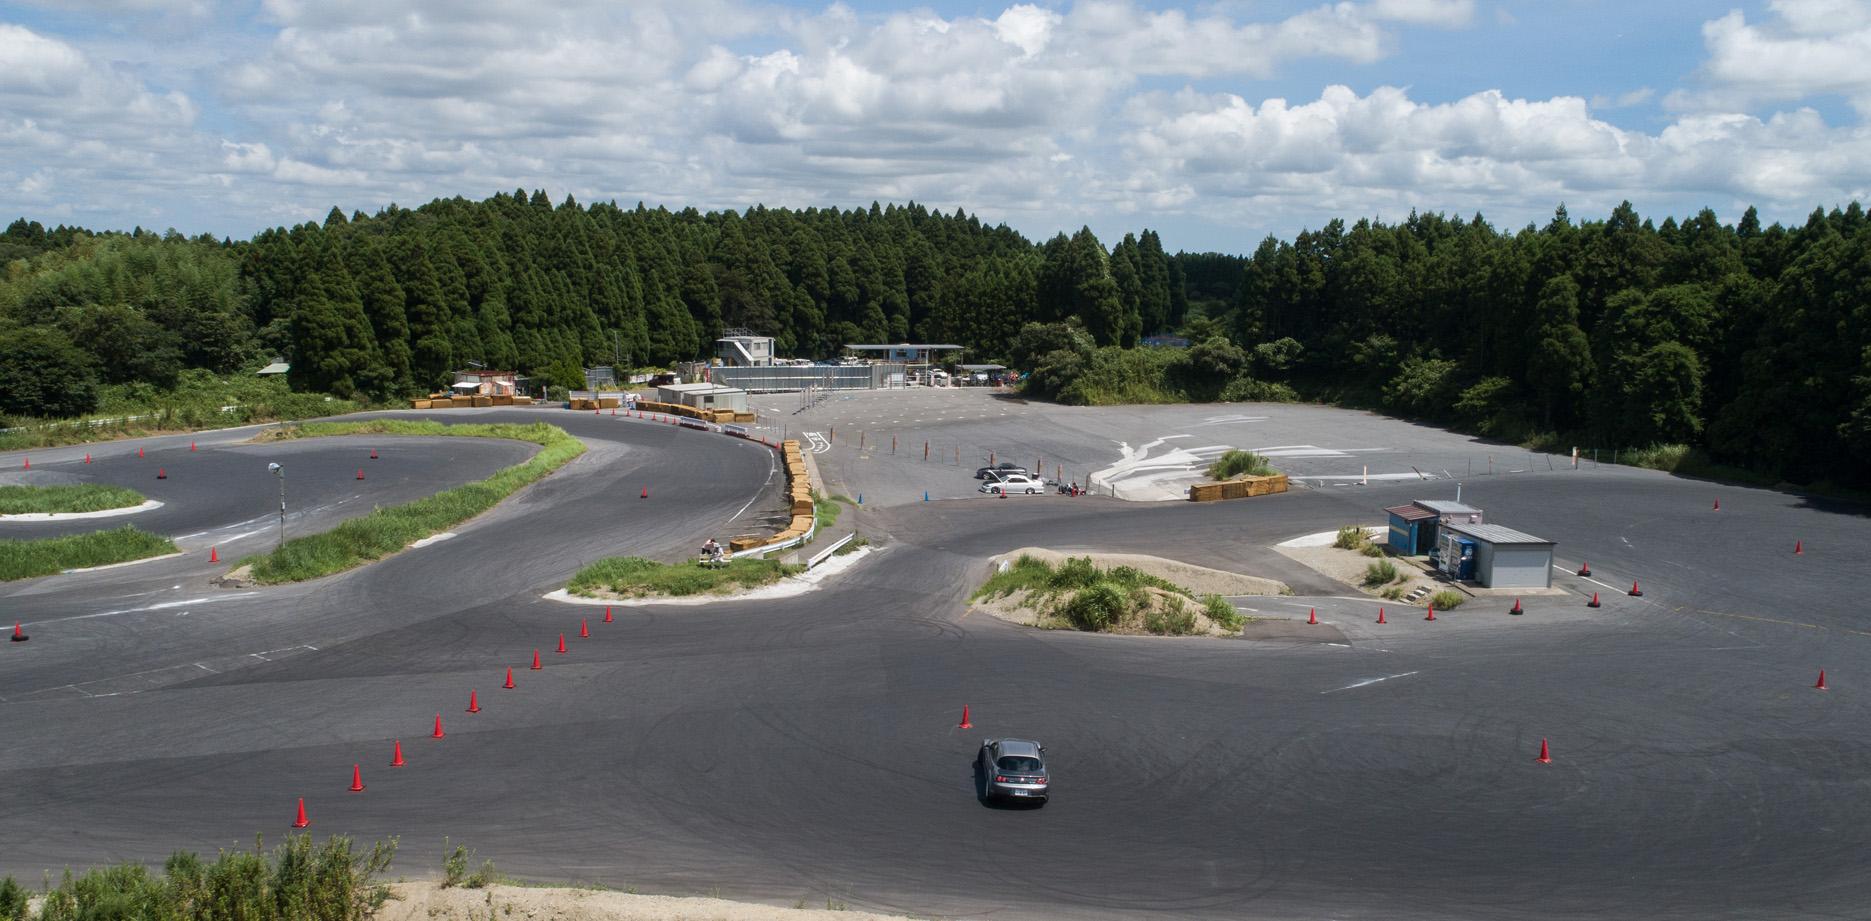 サーキット施設を利用したドライビング・危機回避レッスン